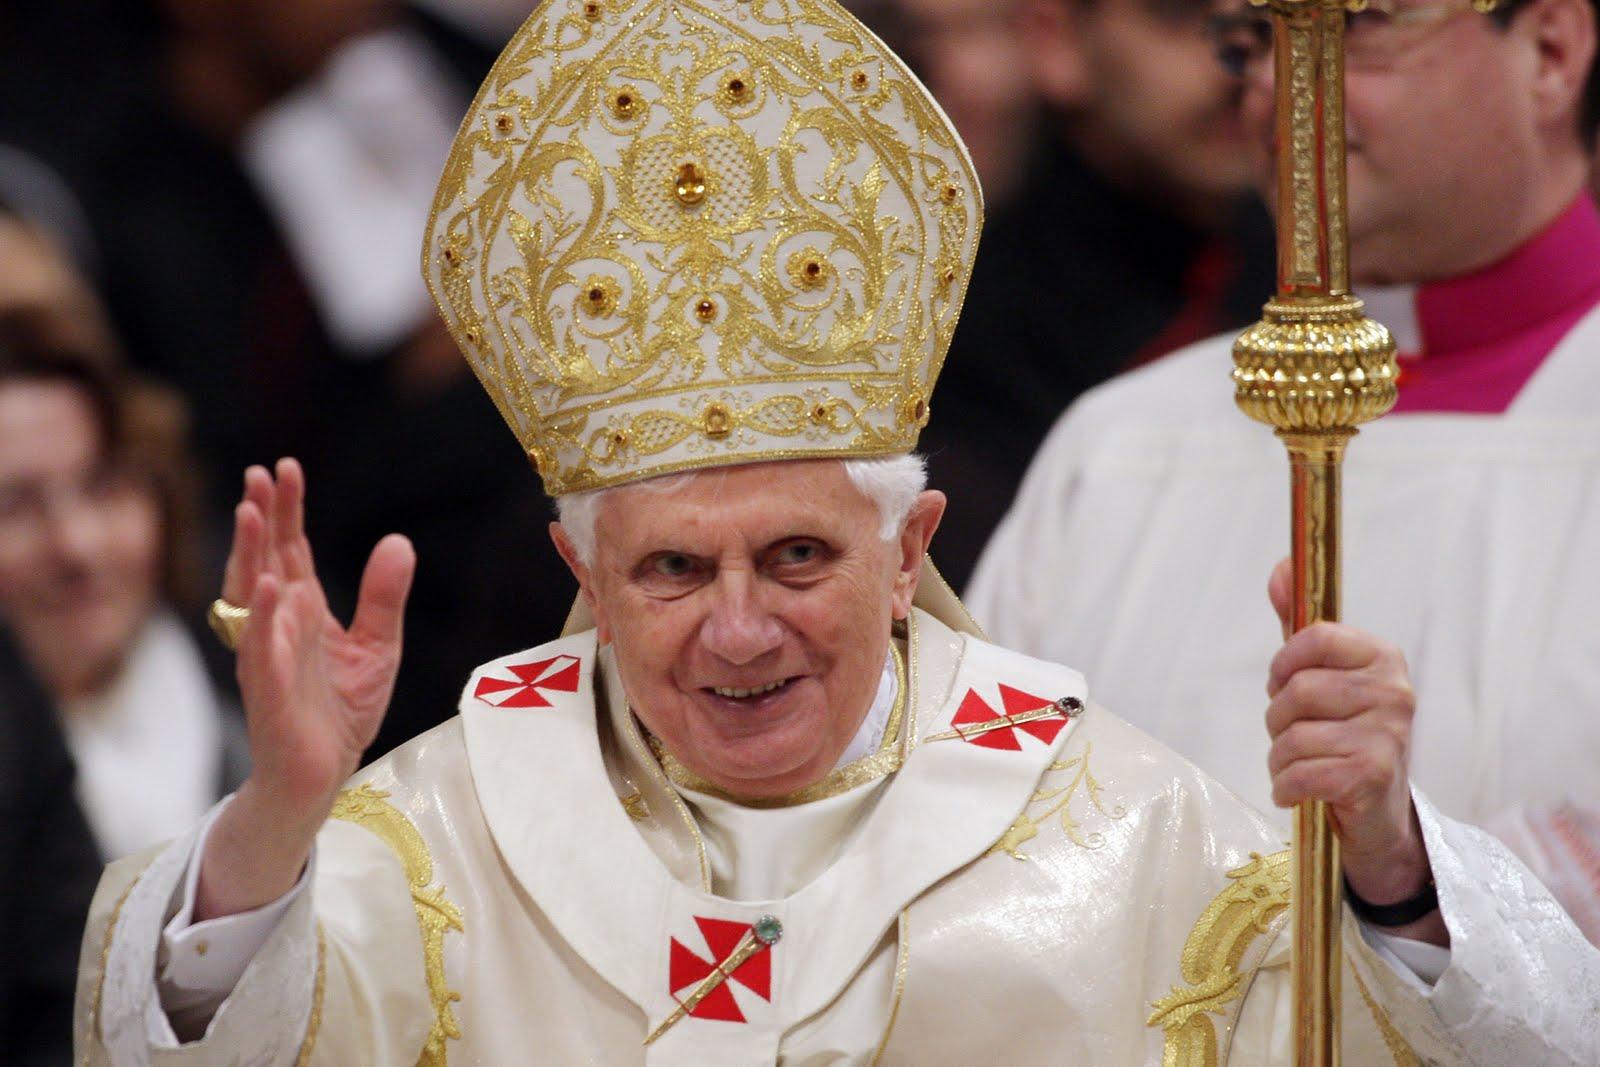 Pope Celebrates Solemnity Of The Epiphany